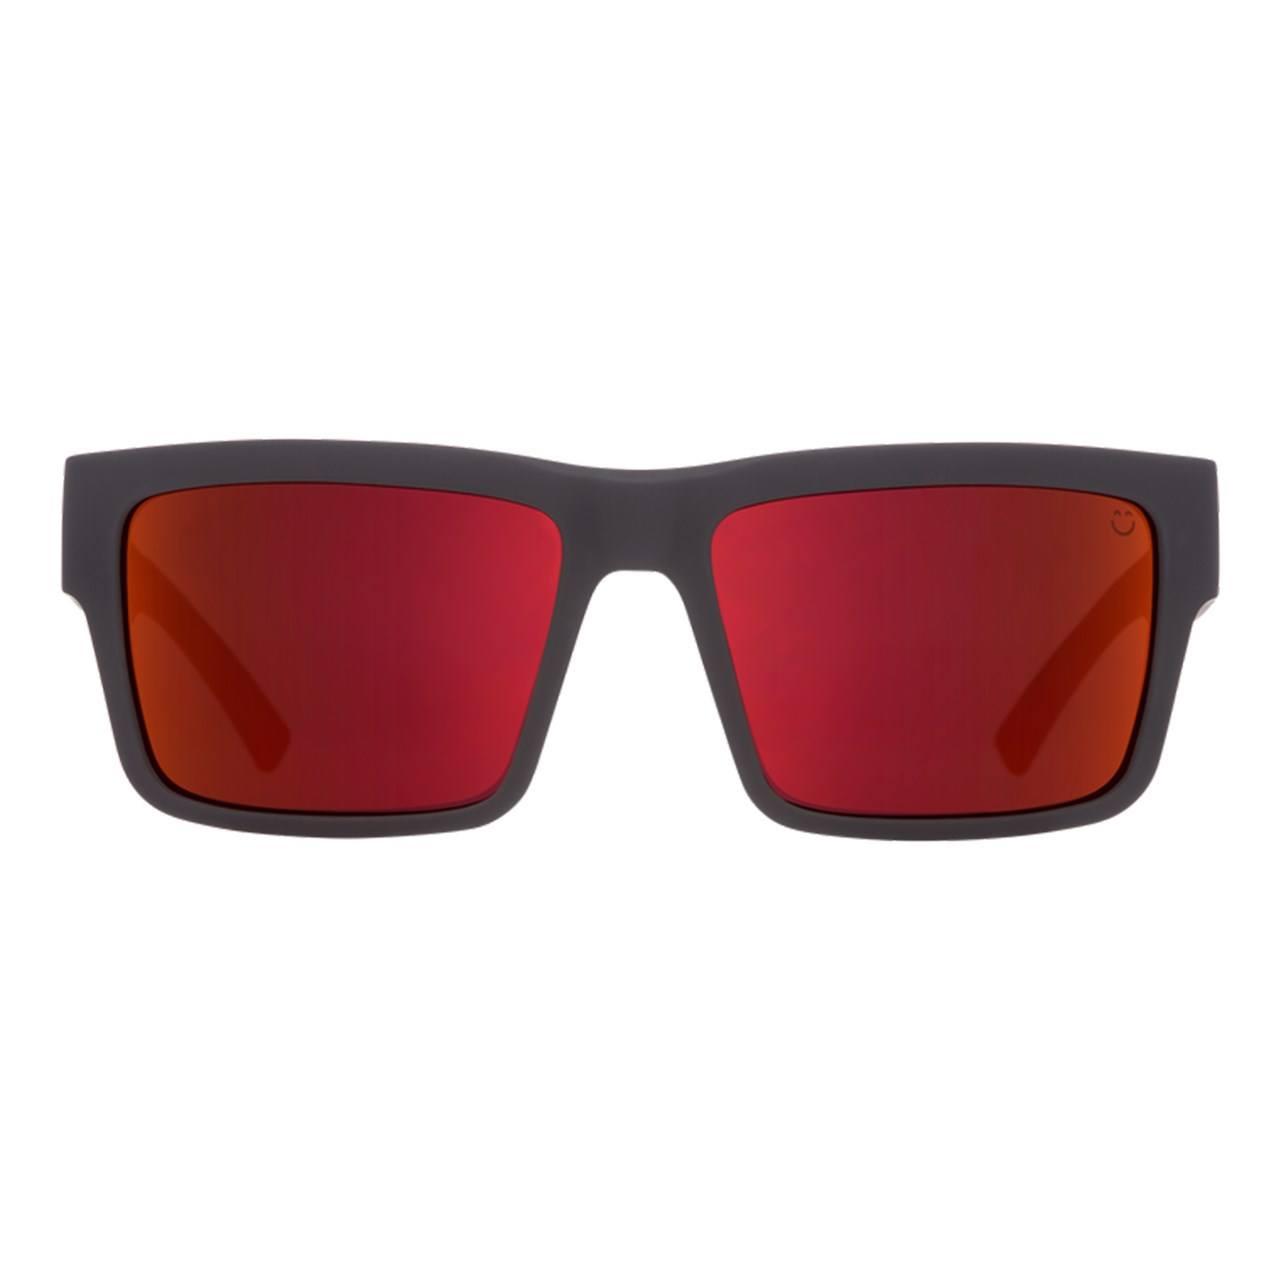 عینک آفتابی اسپای سری Montana مدل Soft Matte Black Red Fade Happy Gray Green Red Flash -  - 1